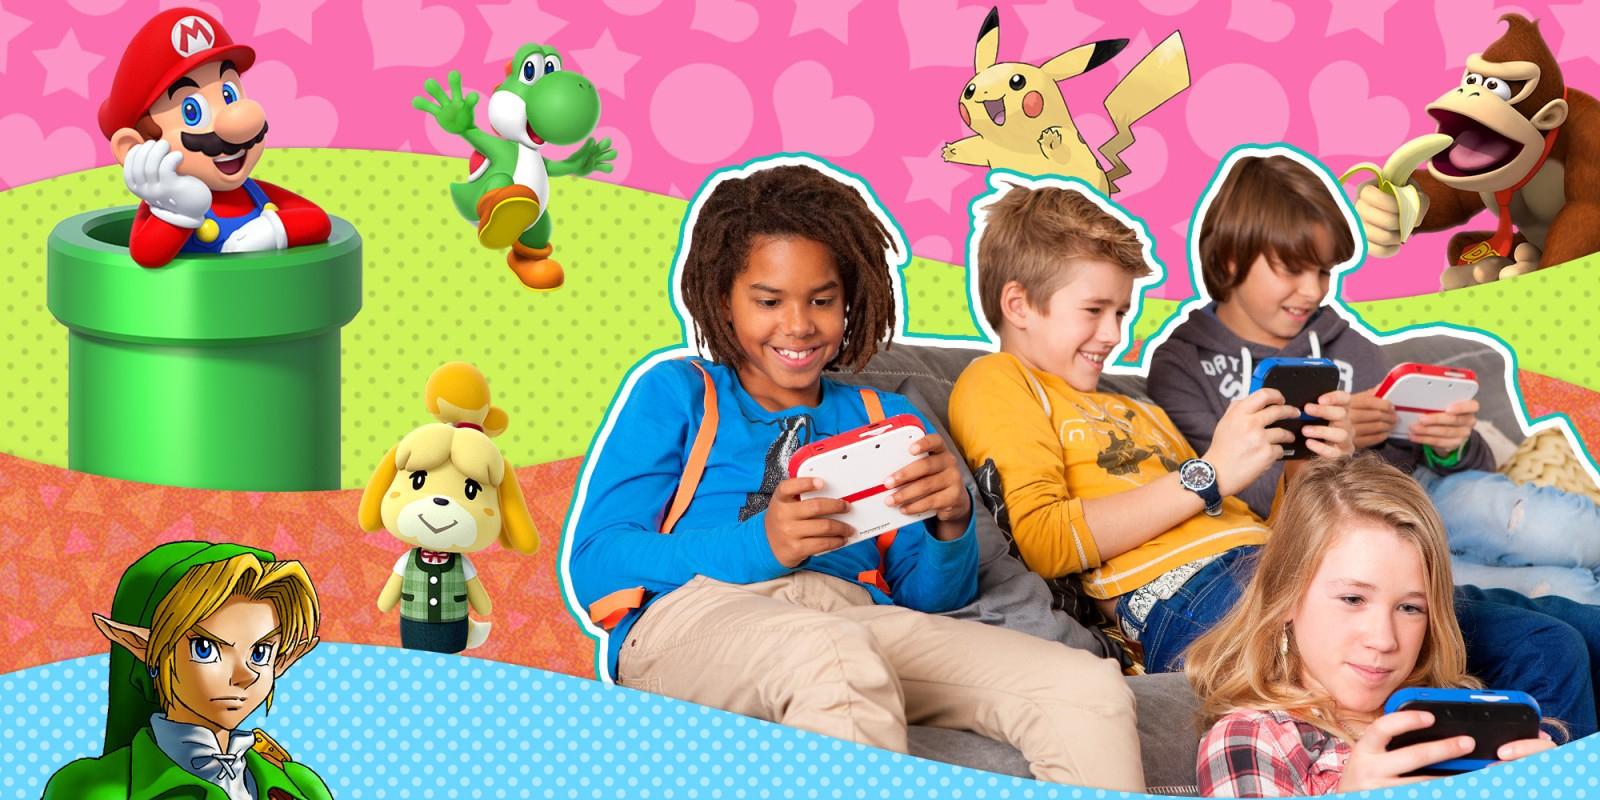 Jeux Nintendo Pour Les Enfants | Nintendo dedans Jeux Gratuits Pour Bebe De 3 Ans